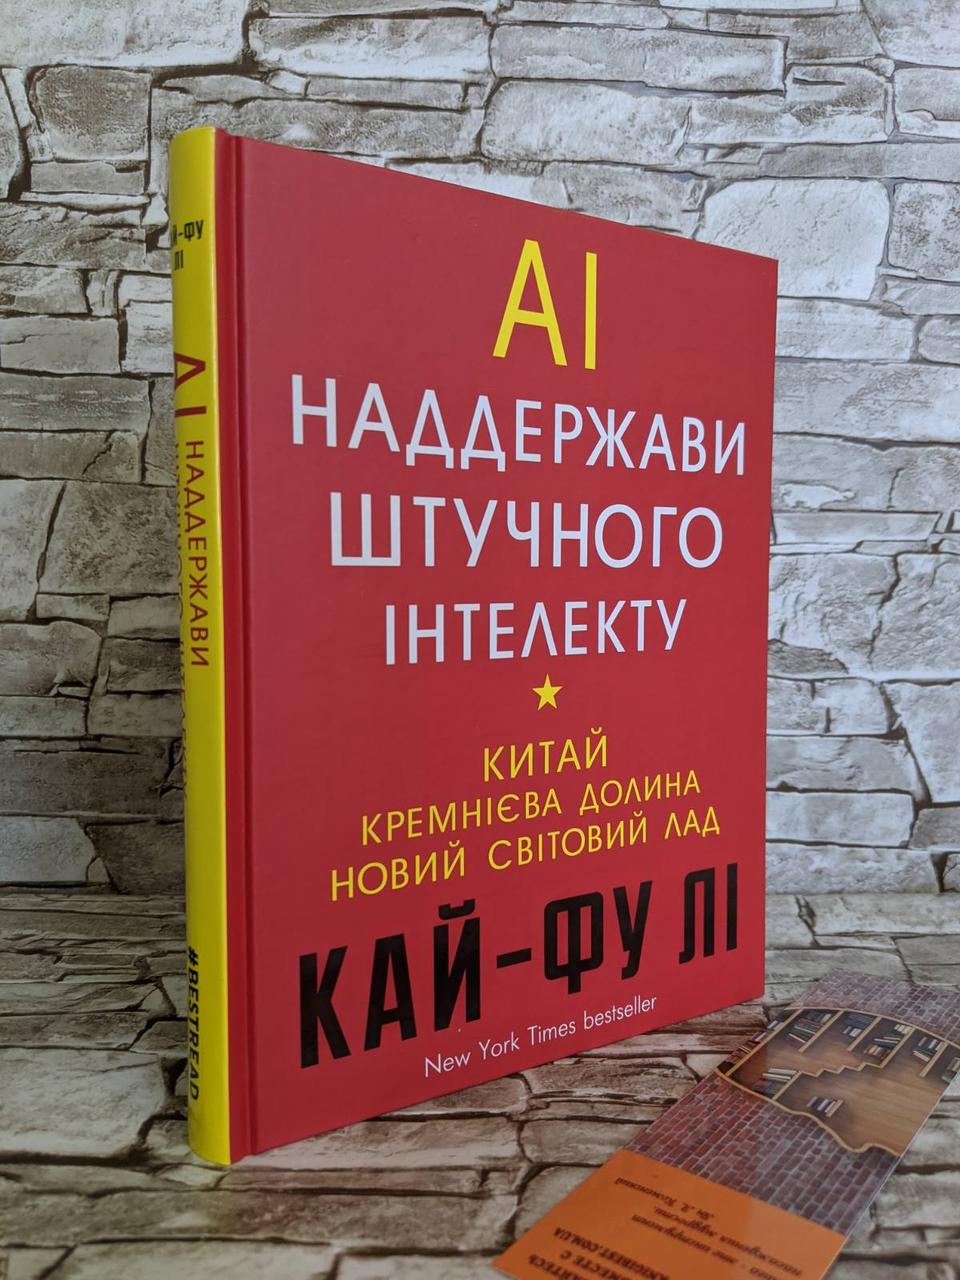 """Книга """"AI. Наддержави штучного інтелекту. Китай, Кремнієва долина і новий світовий лад"""" Лі Кай-Фу"""